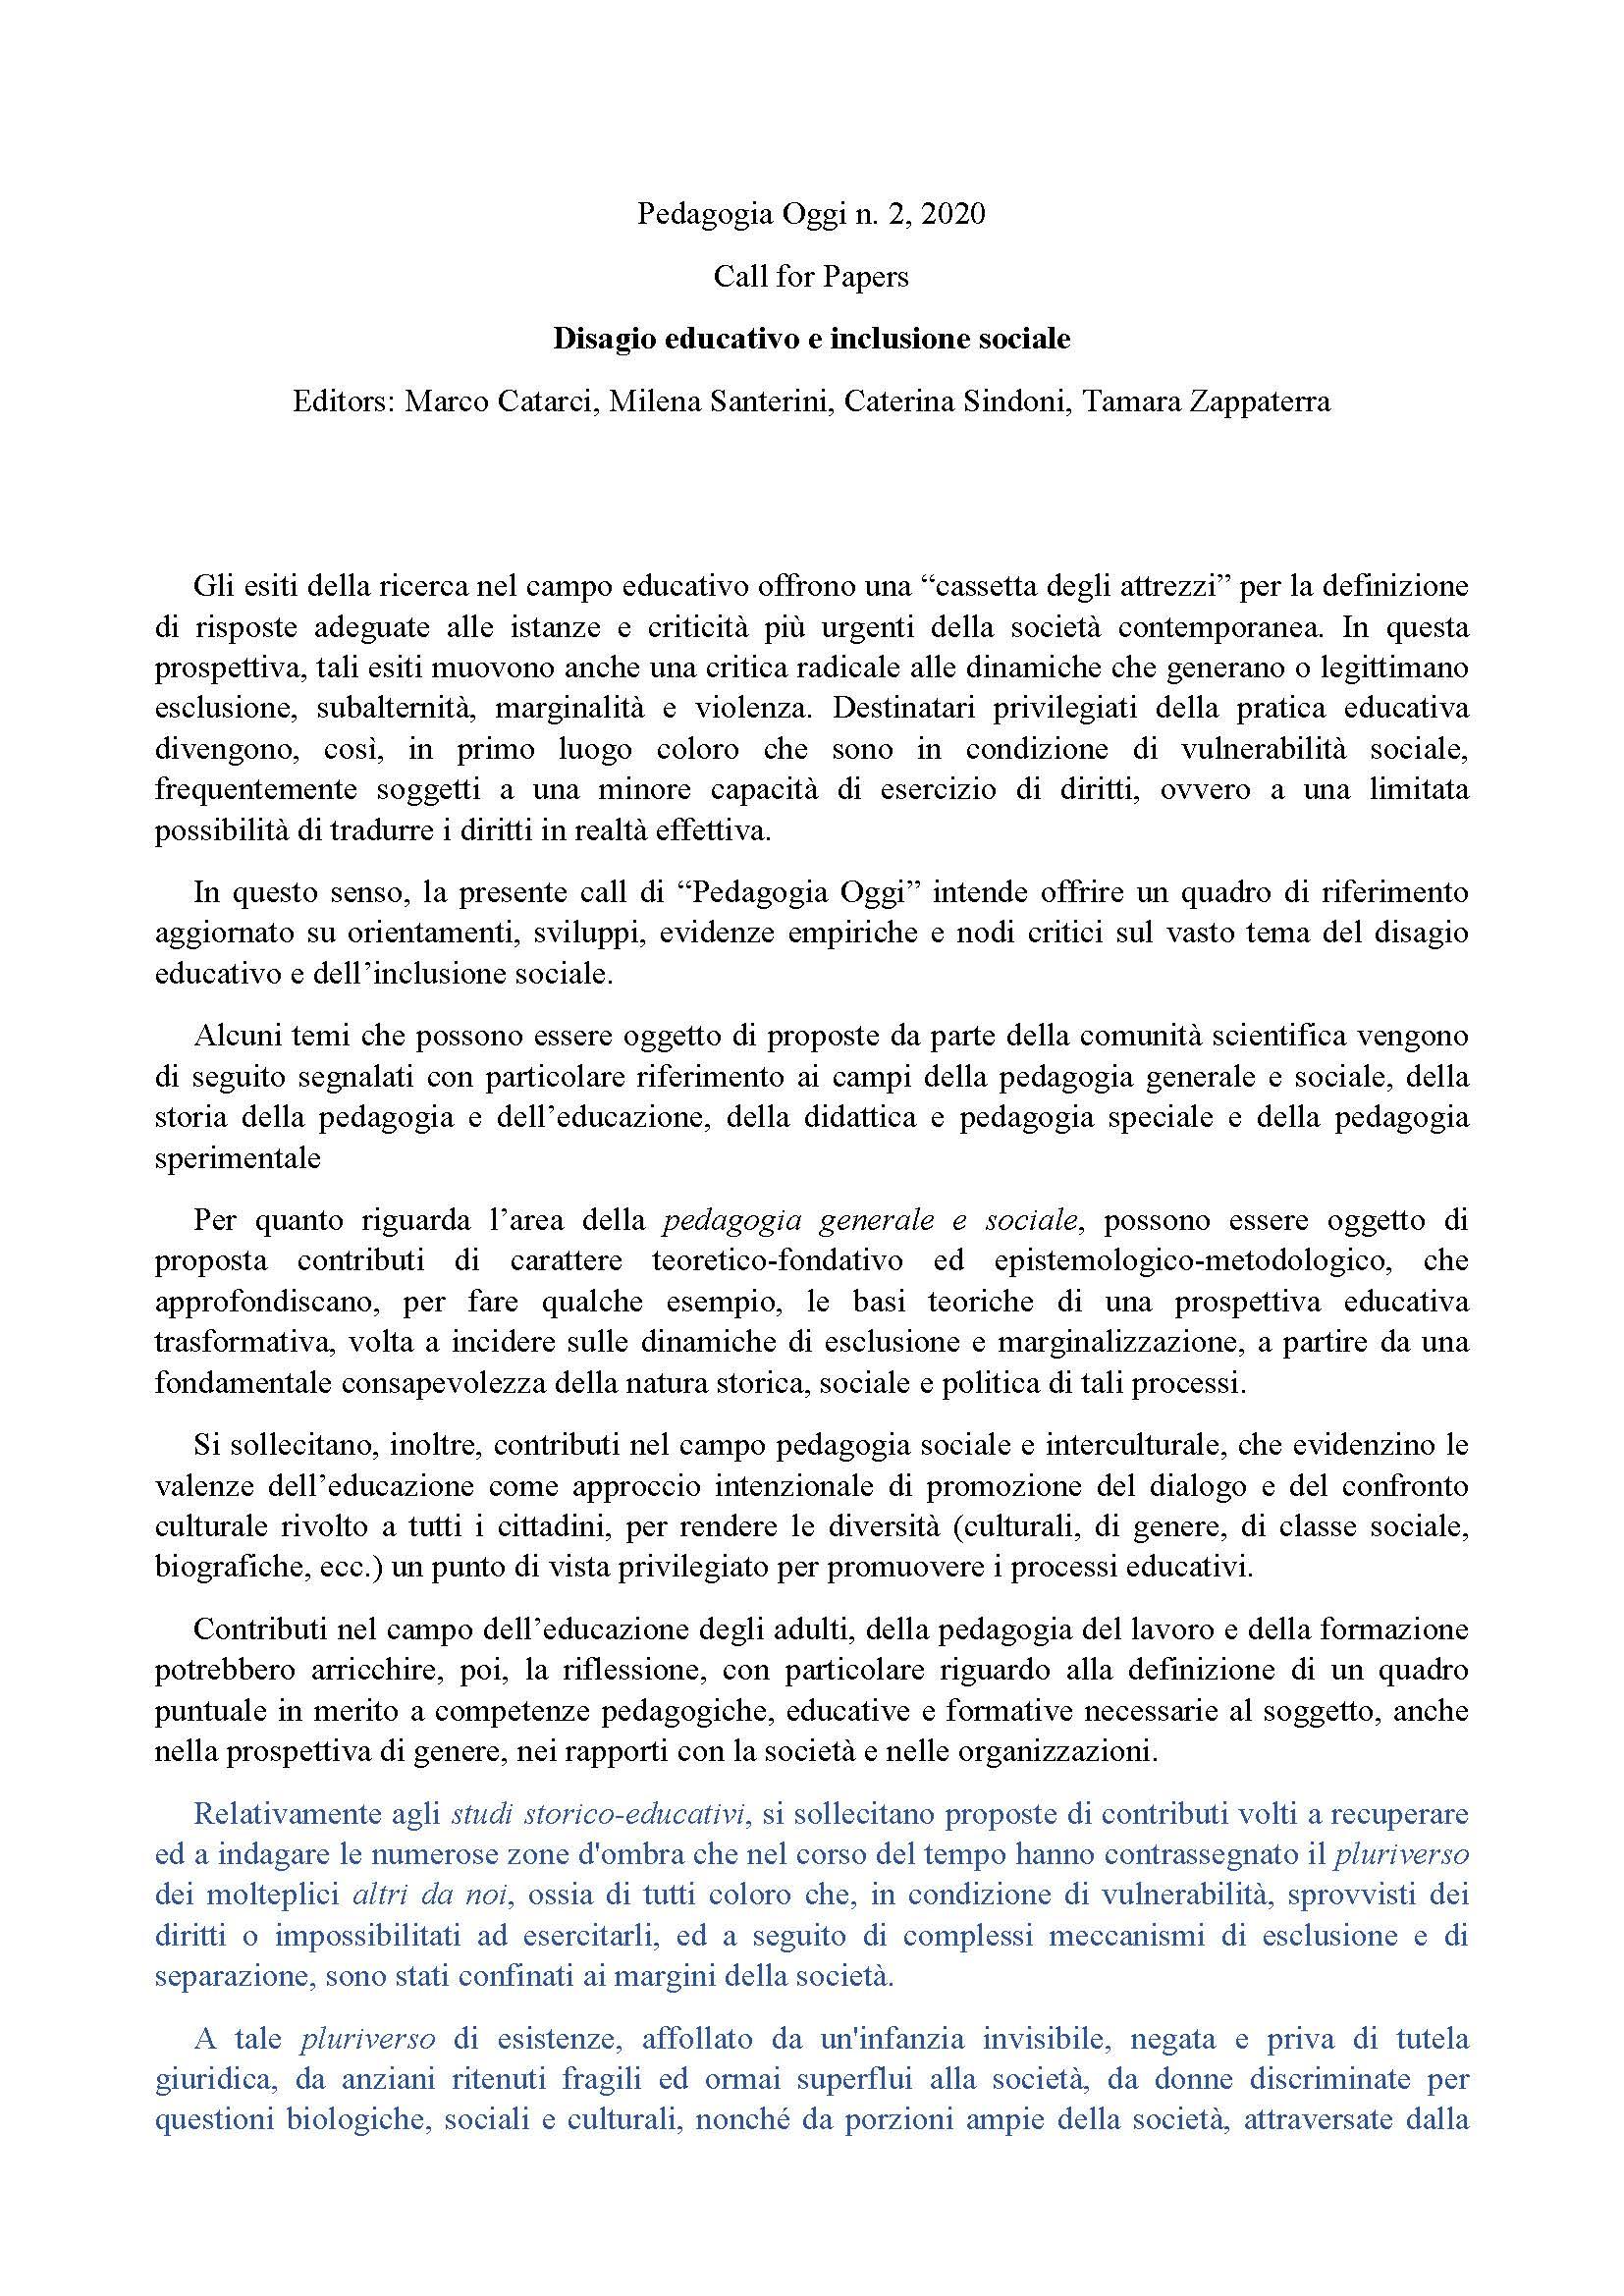 2020-03-05 – Call Pedagogia Oggi 2020/2